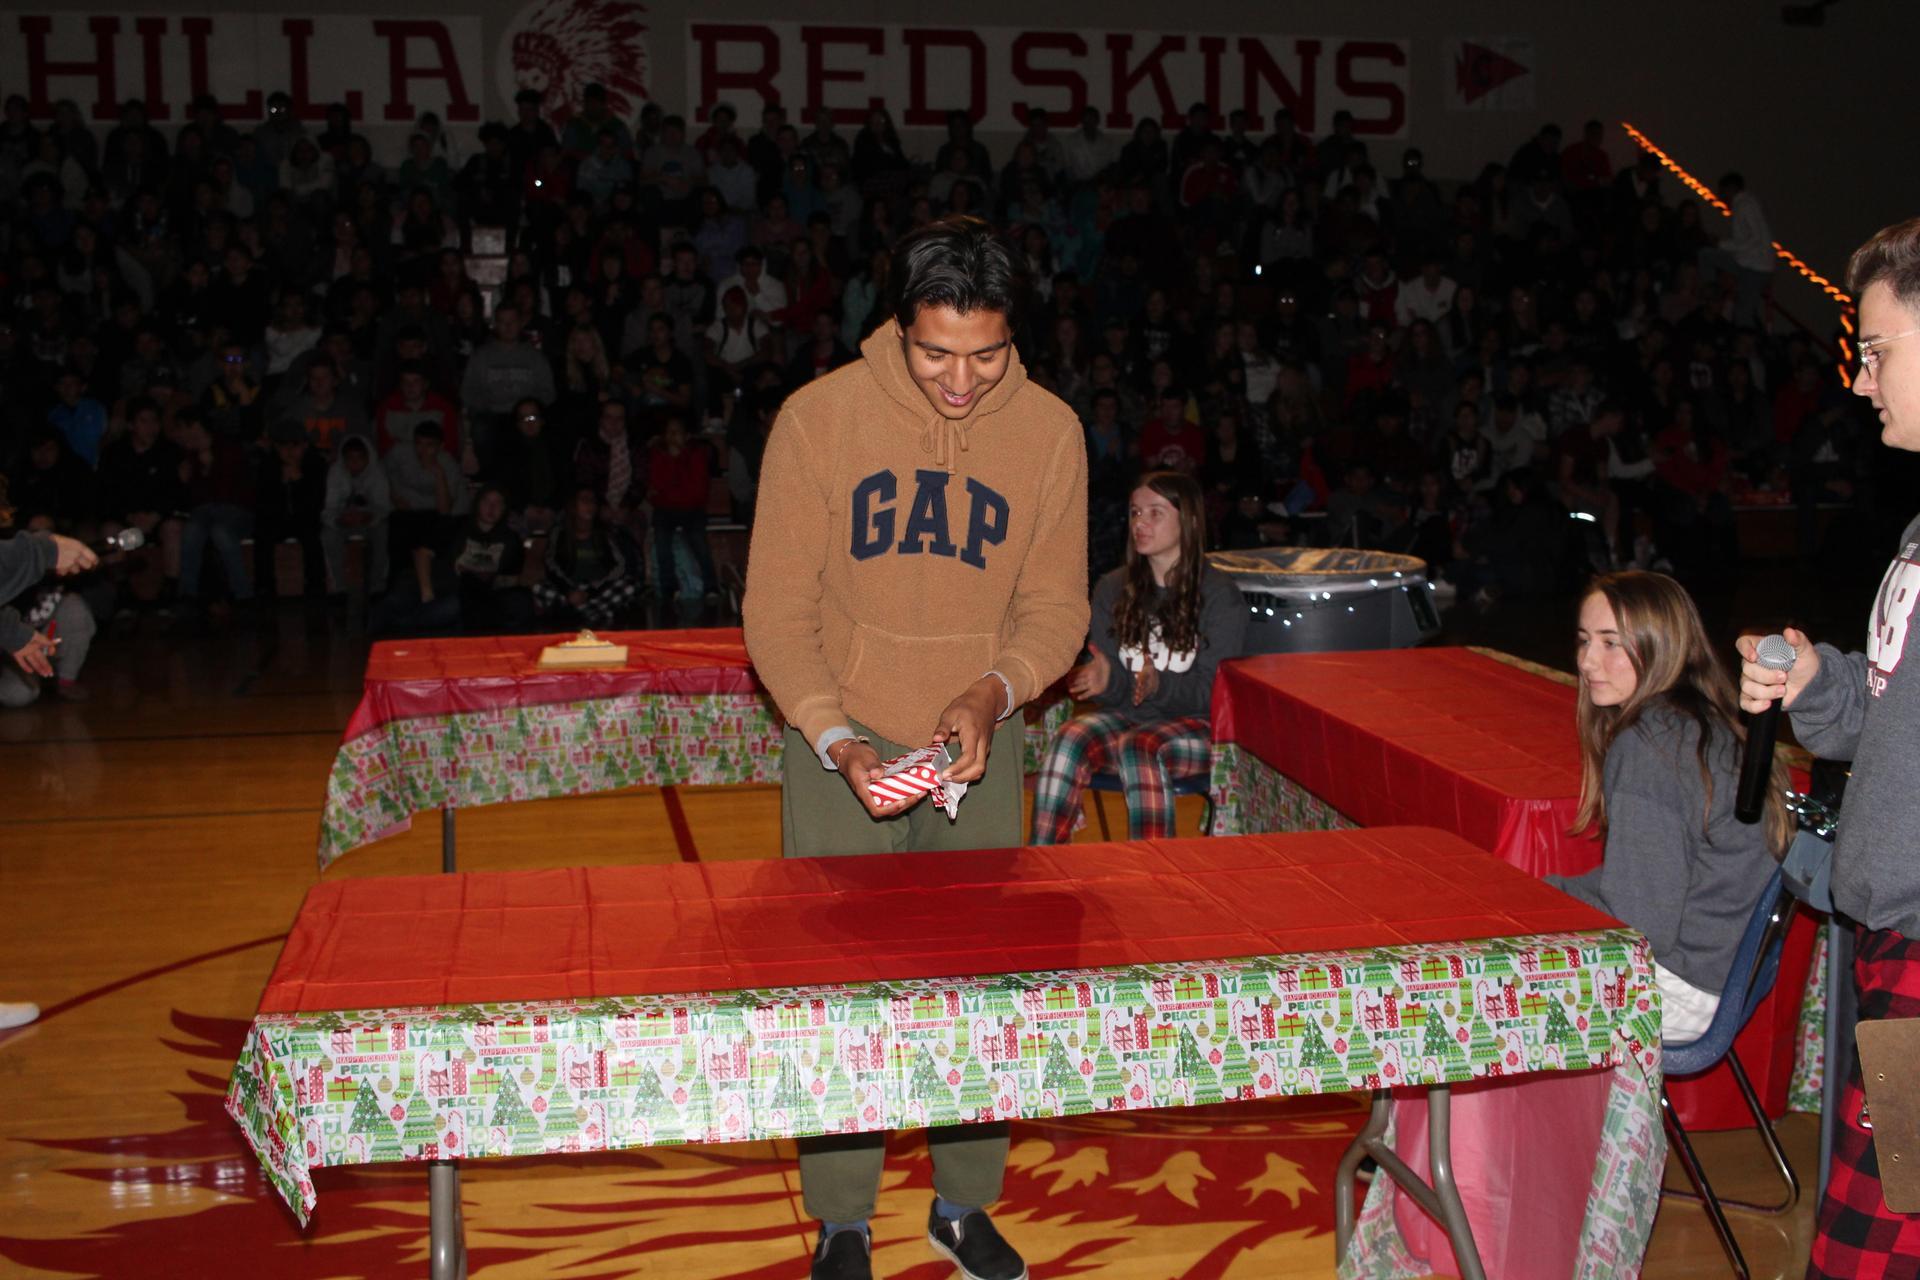 Luis Guevara opening his gift